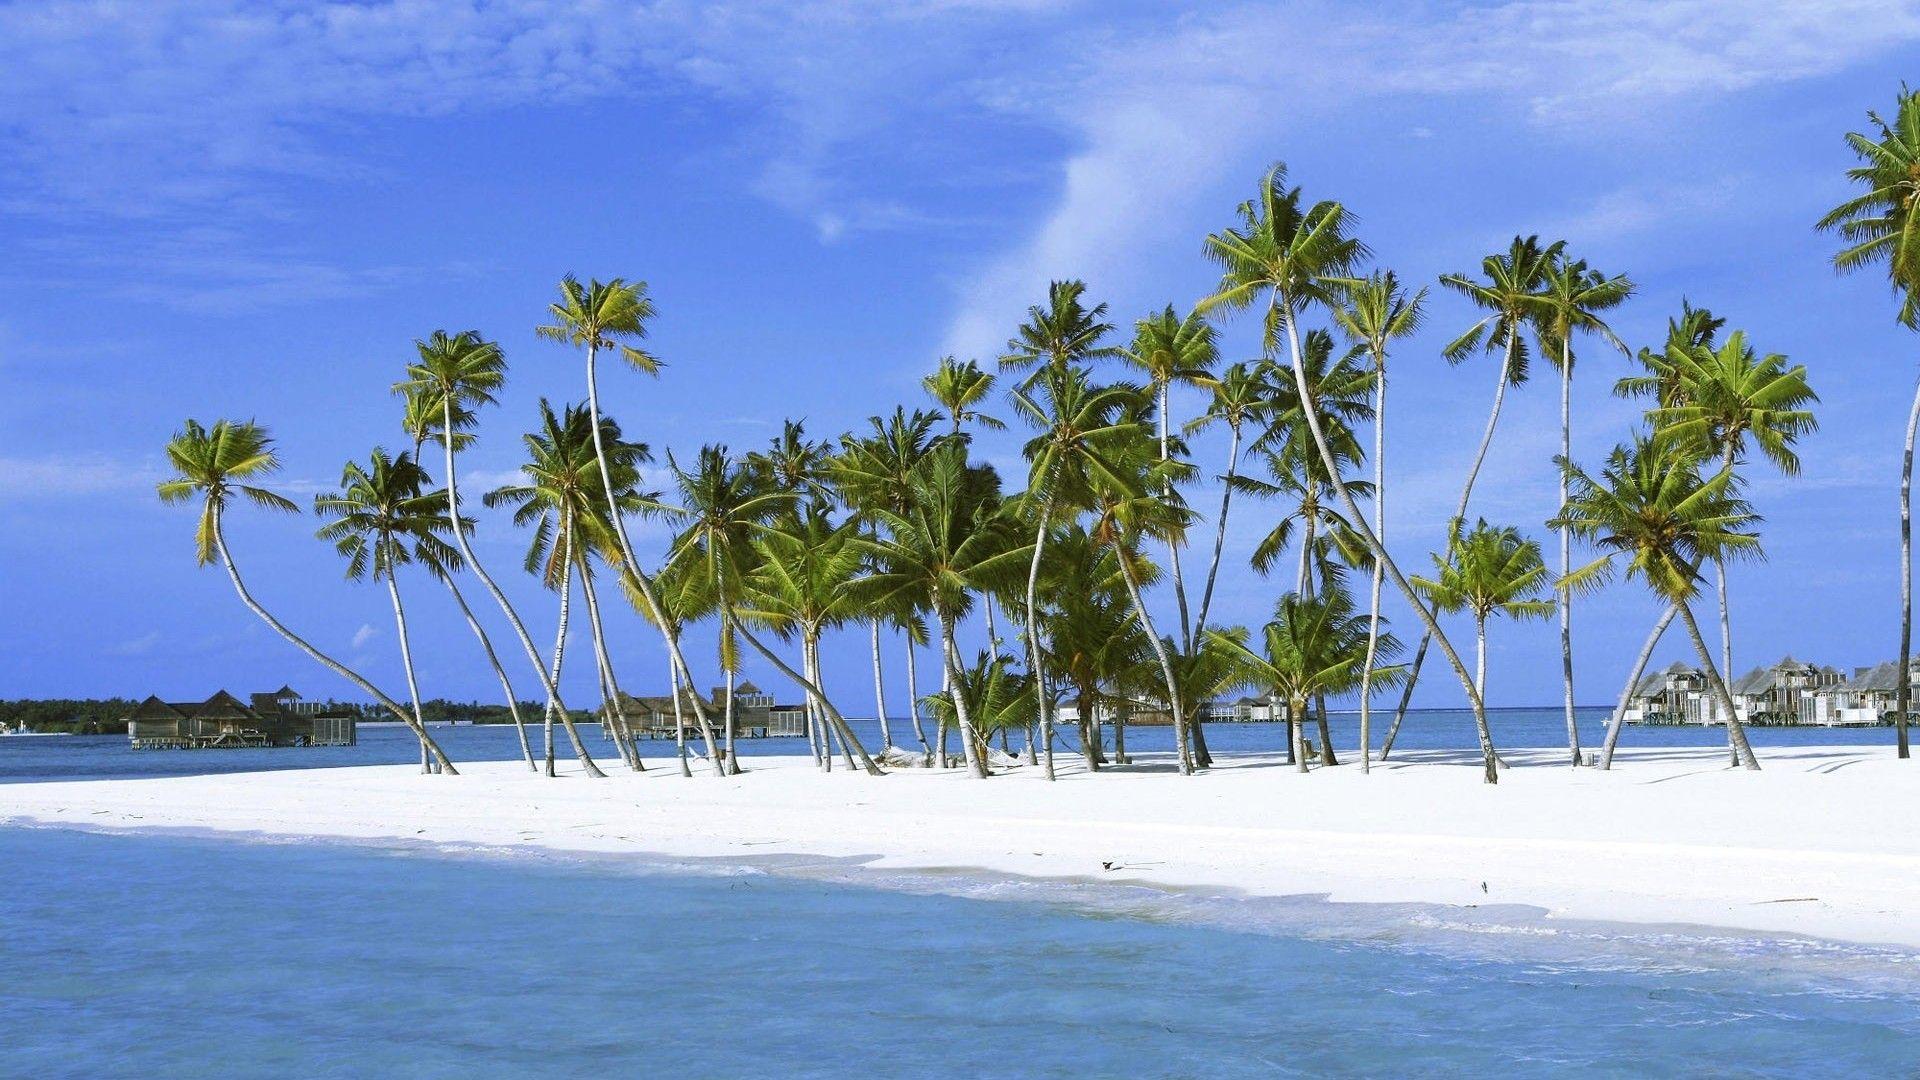 Fond d cran hd plage ile paradisiaque plages de r ve pinterest - Image d ile paradisiaque ...